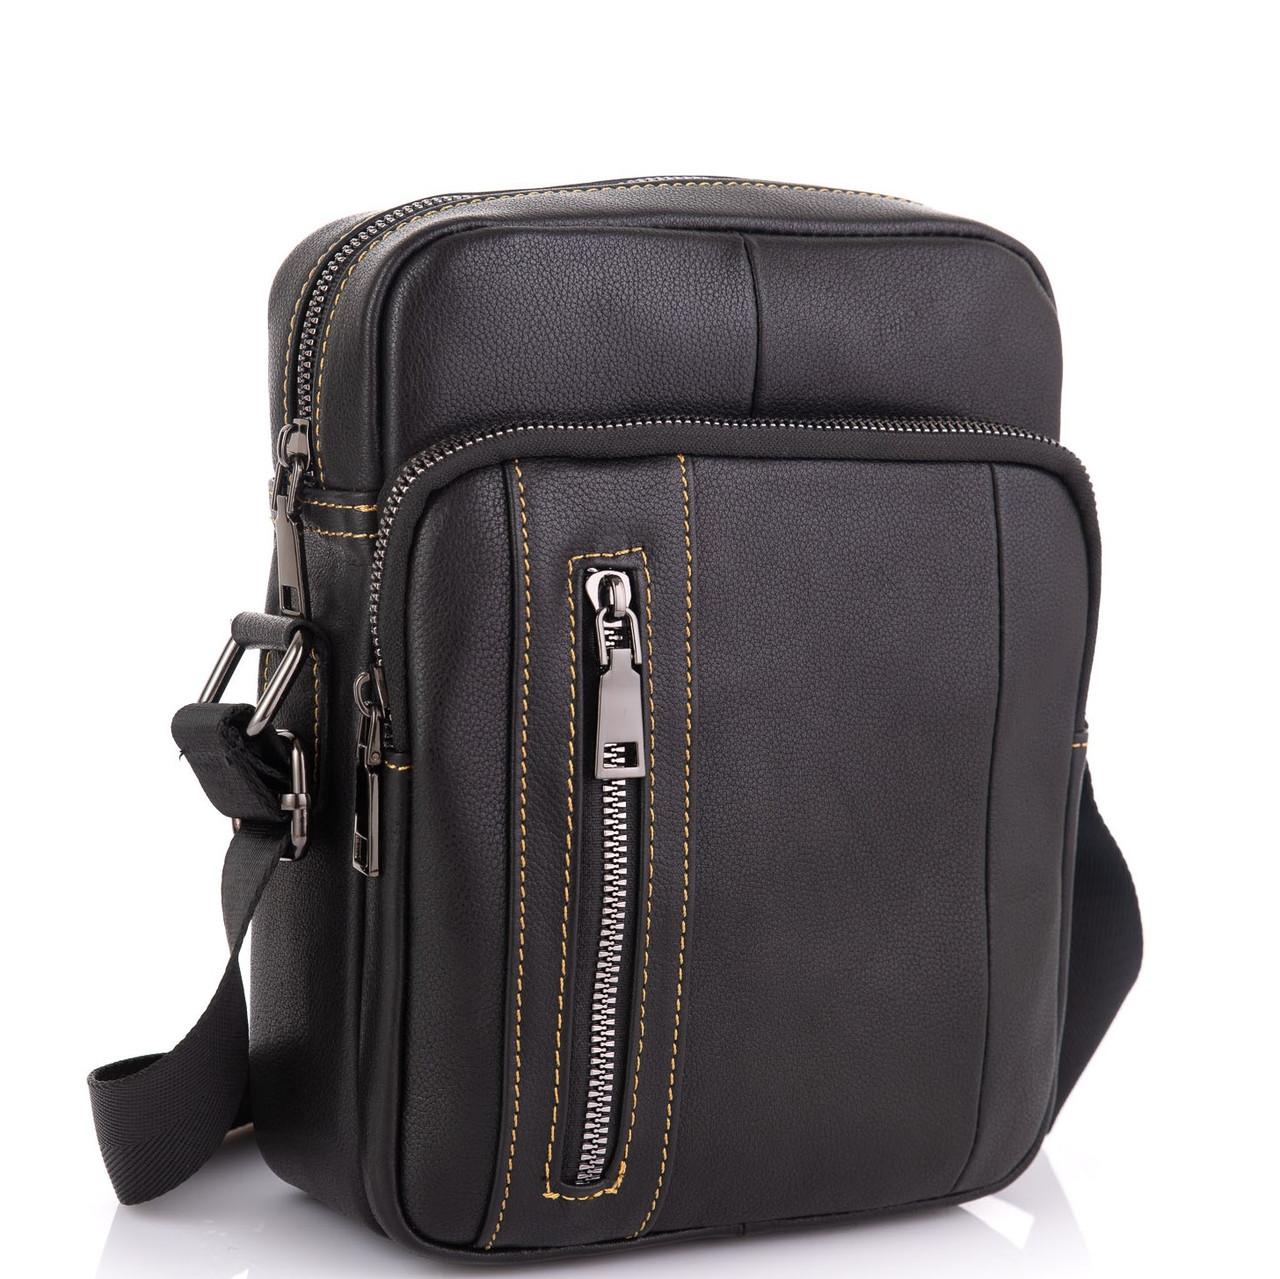 Чоловіча сумка через плече з натуральної шкіри Tiding Bag N2-9801A